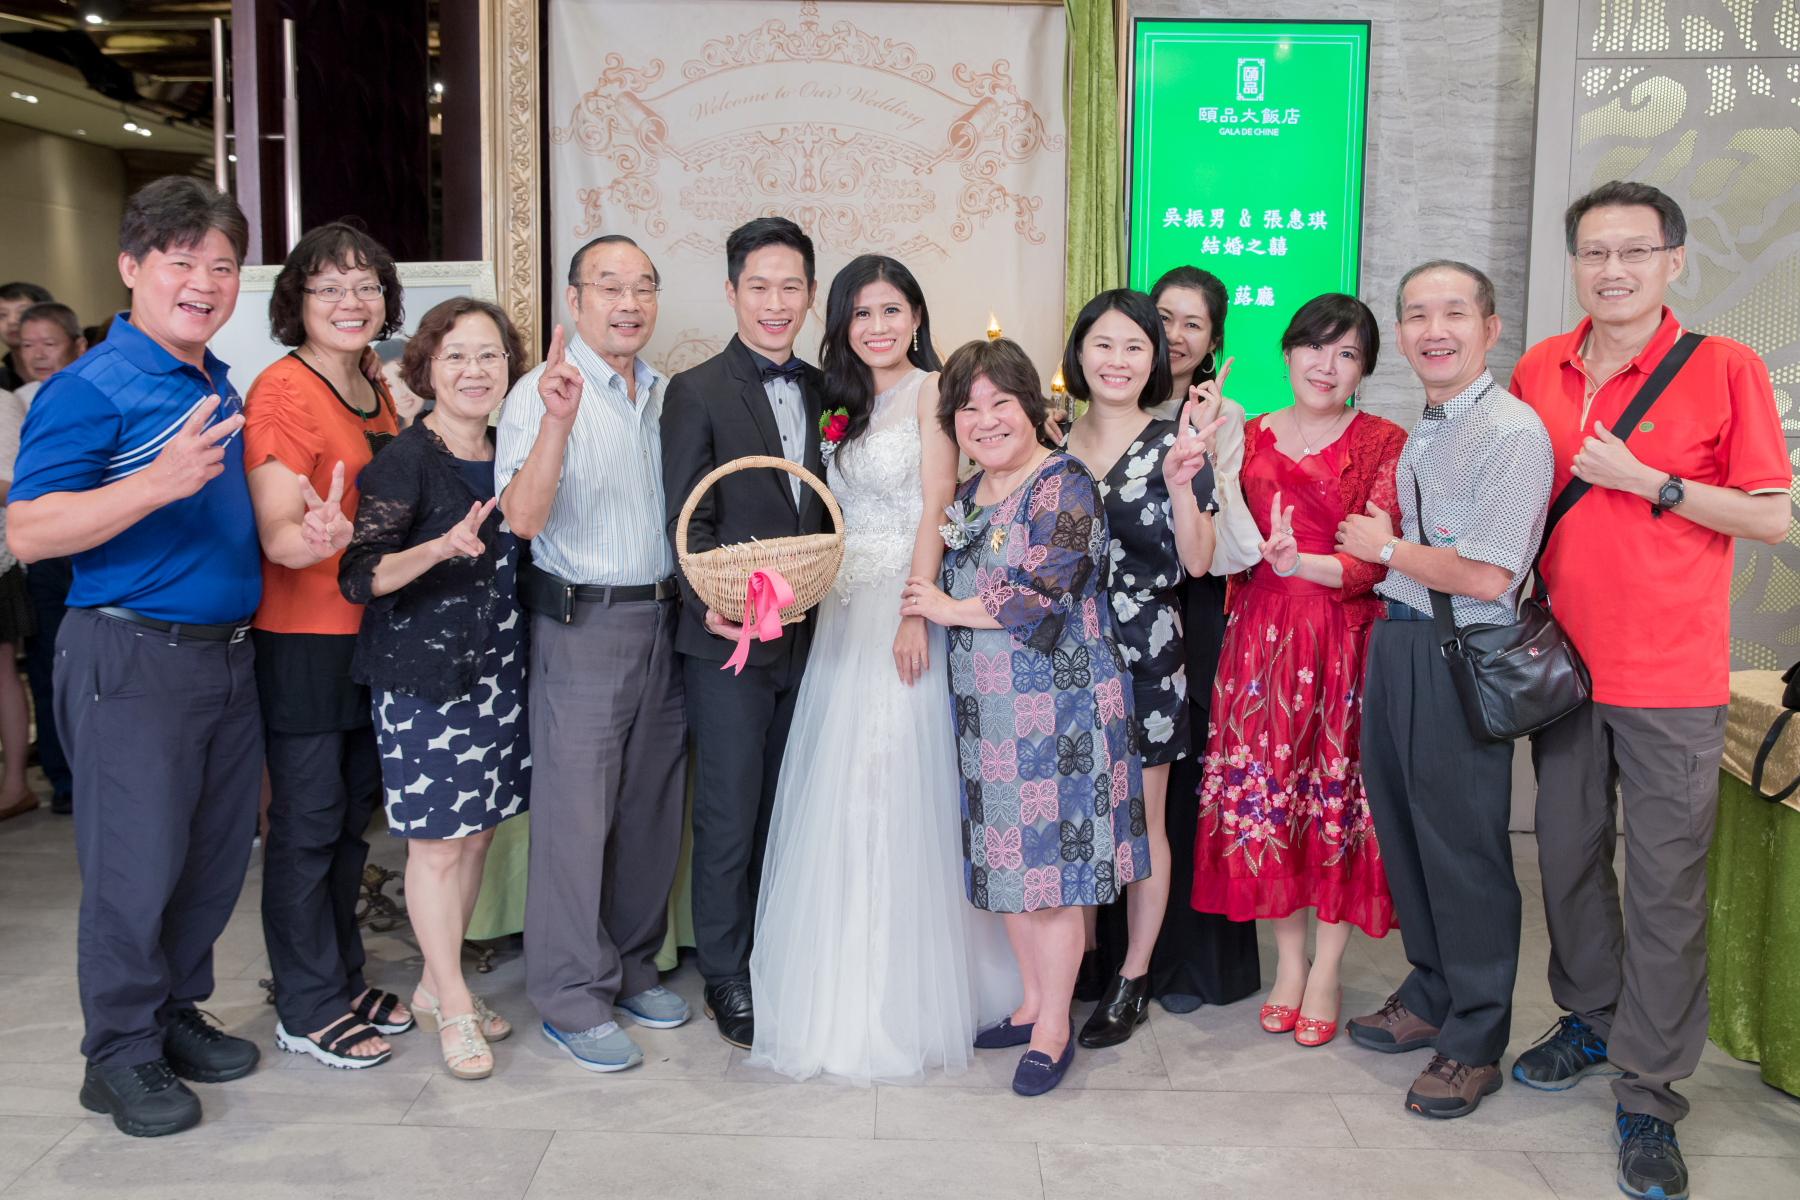 新莊頤品 婚攝 婚禮紀錄636